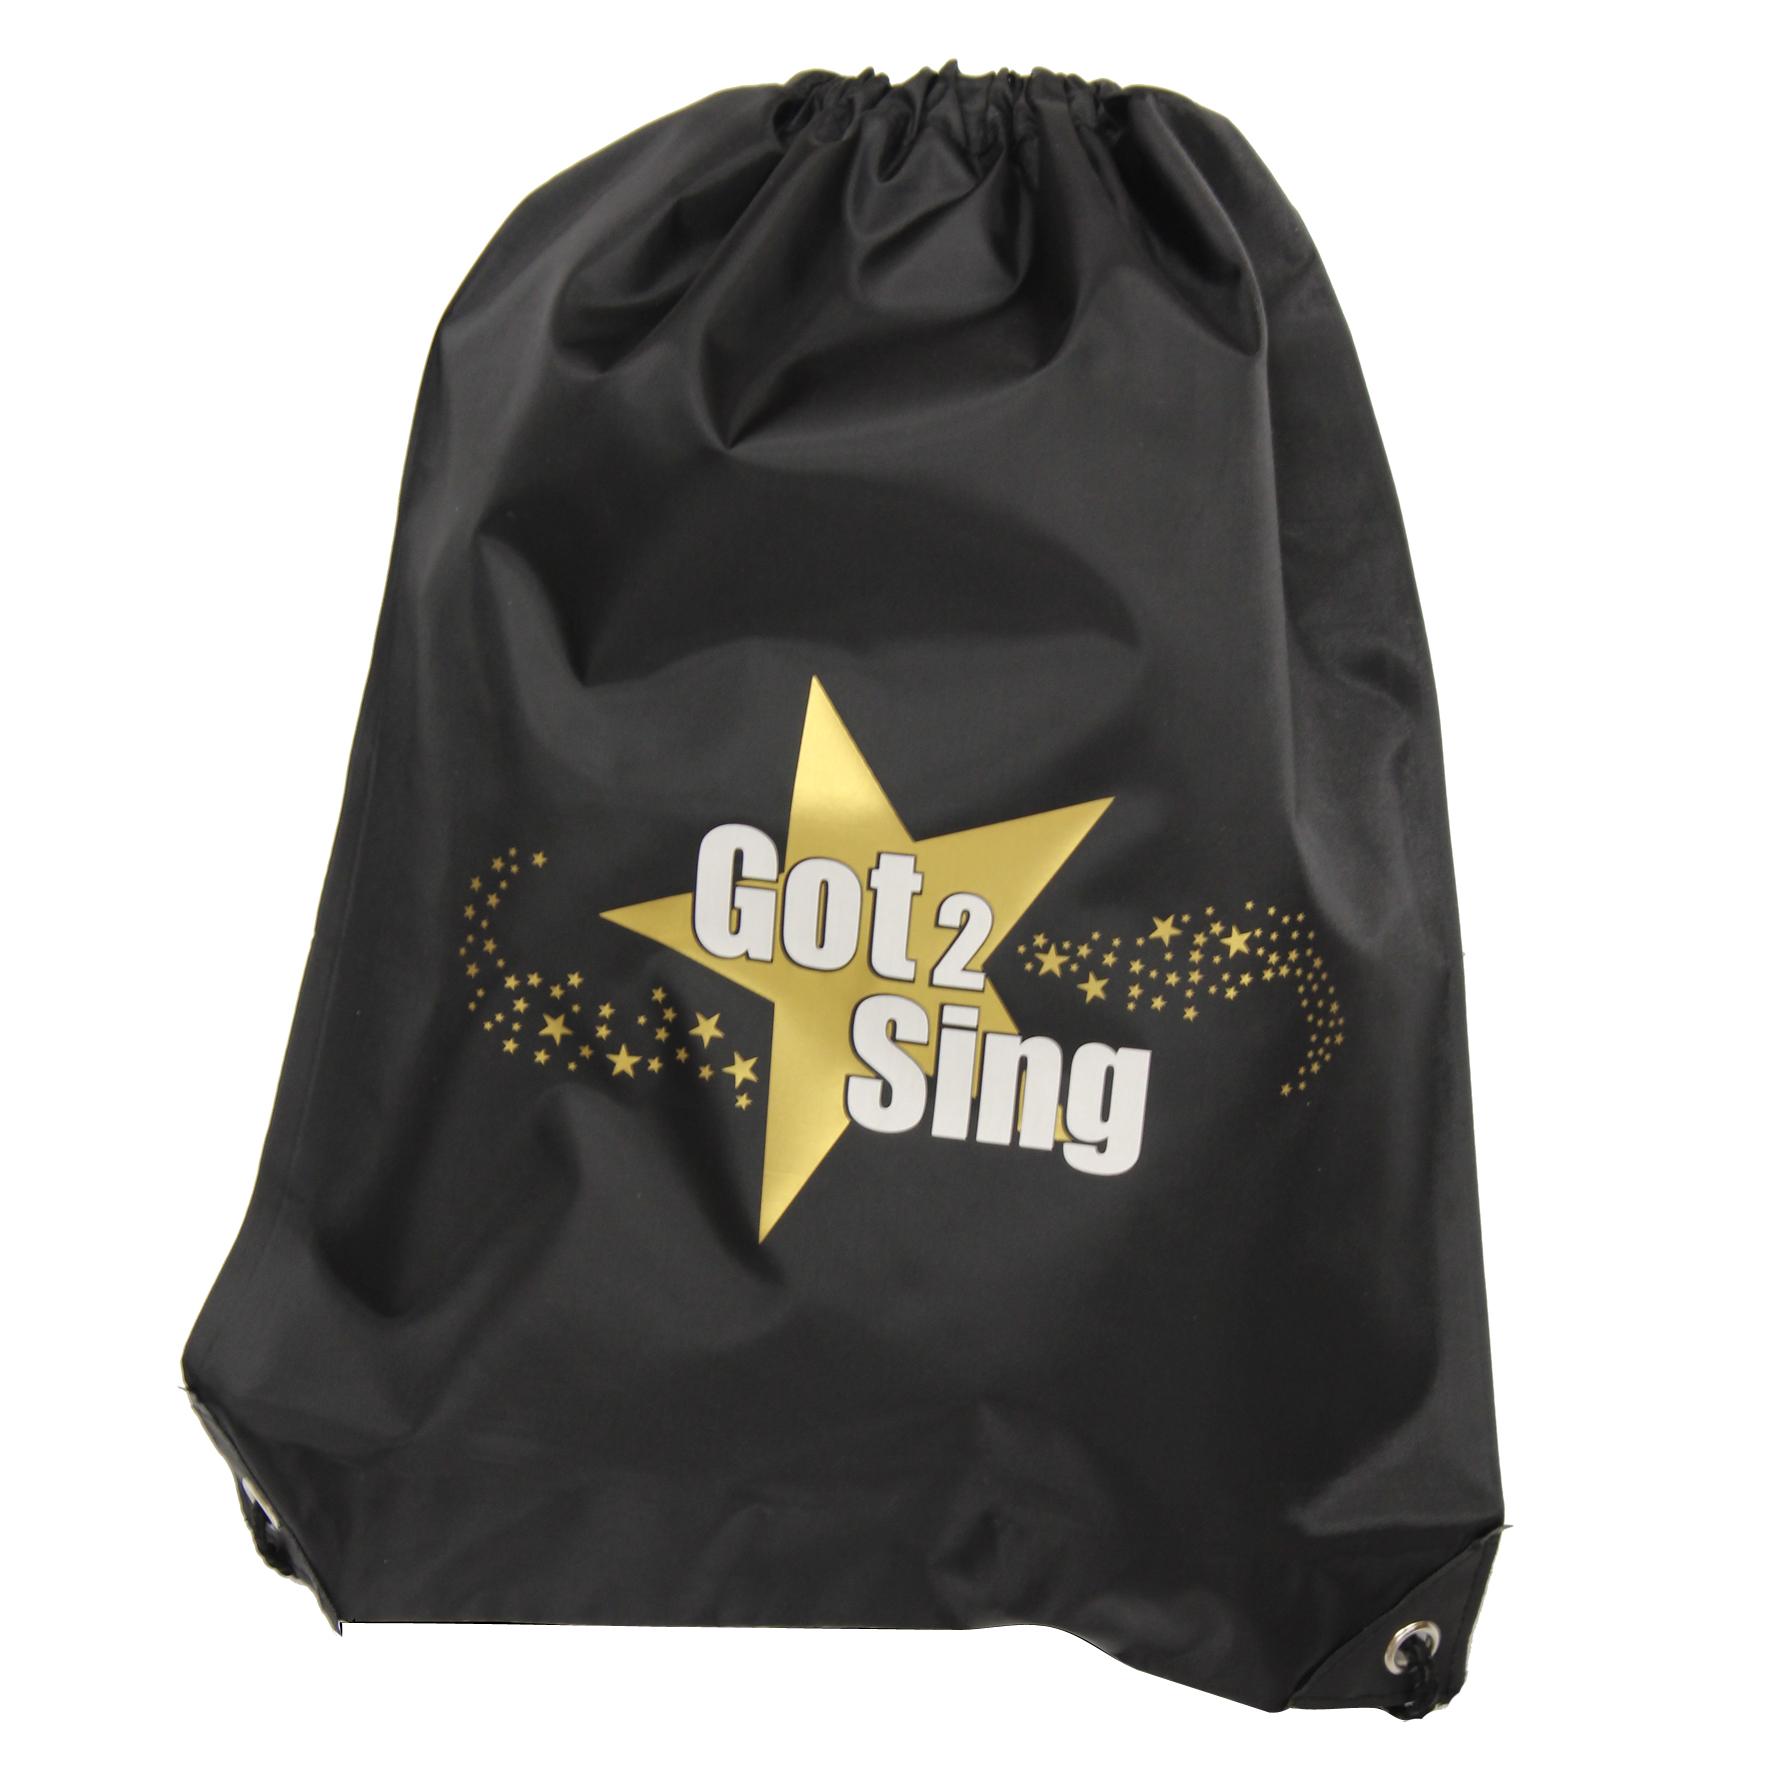 got2sing drawstring bag